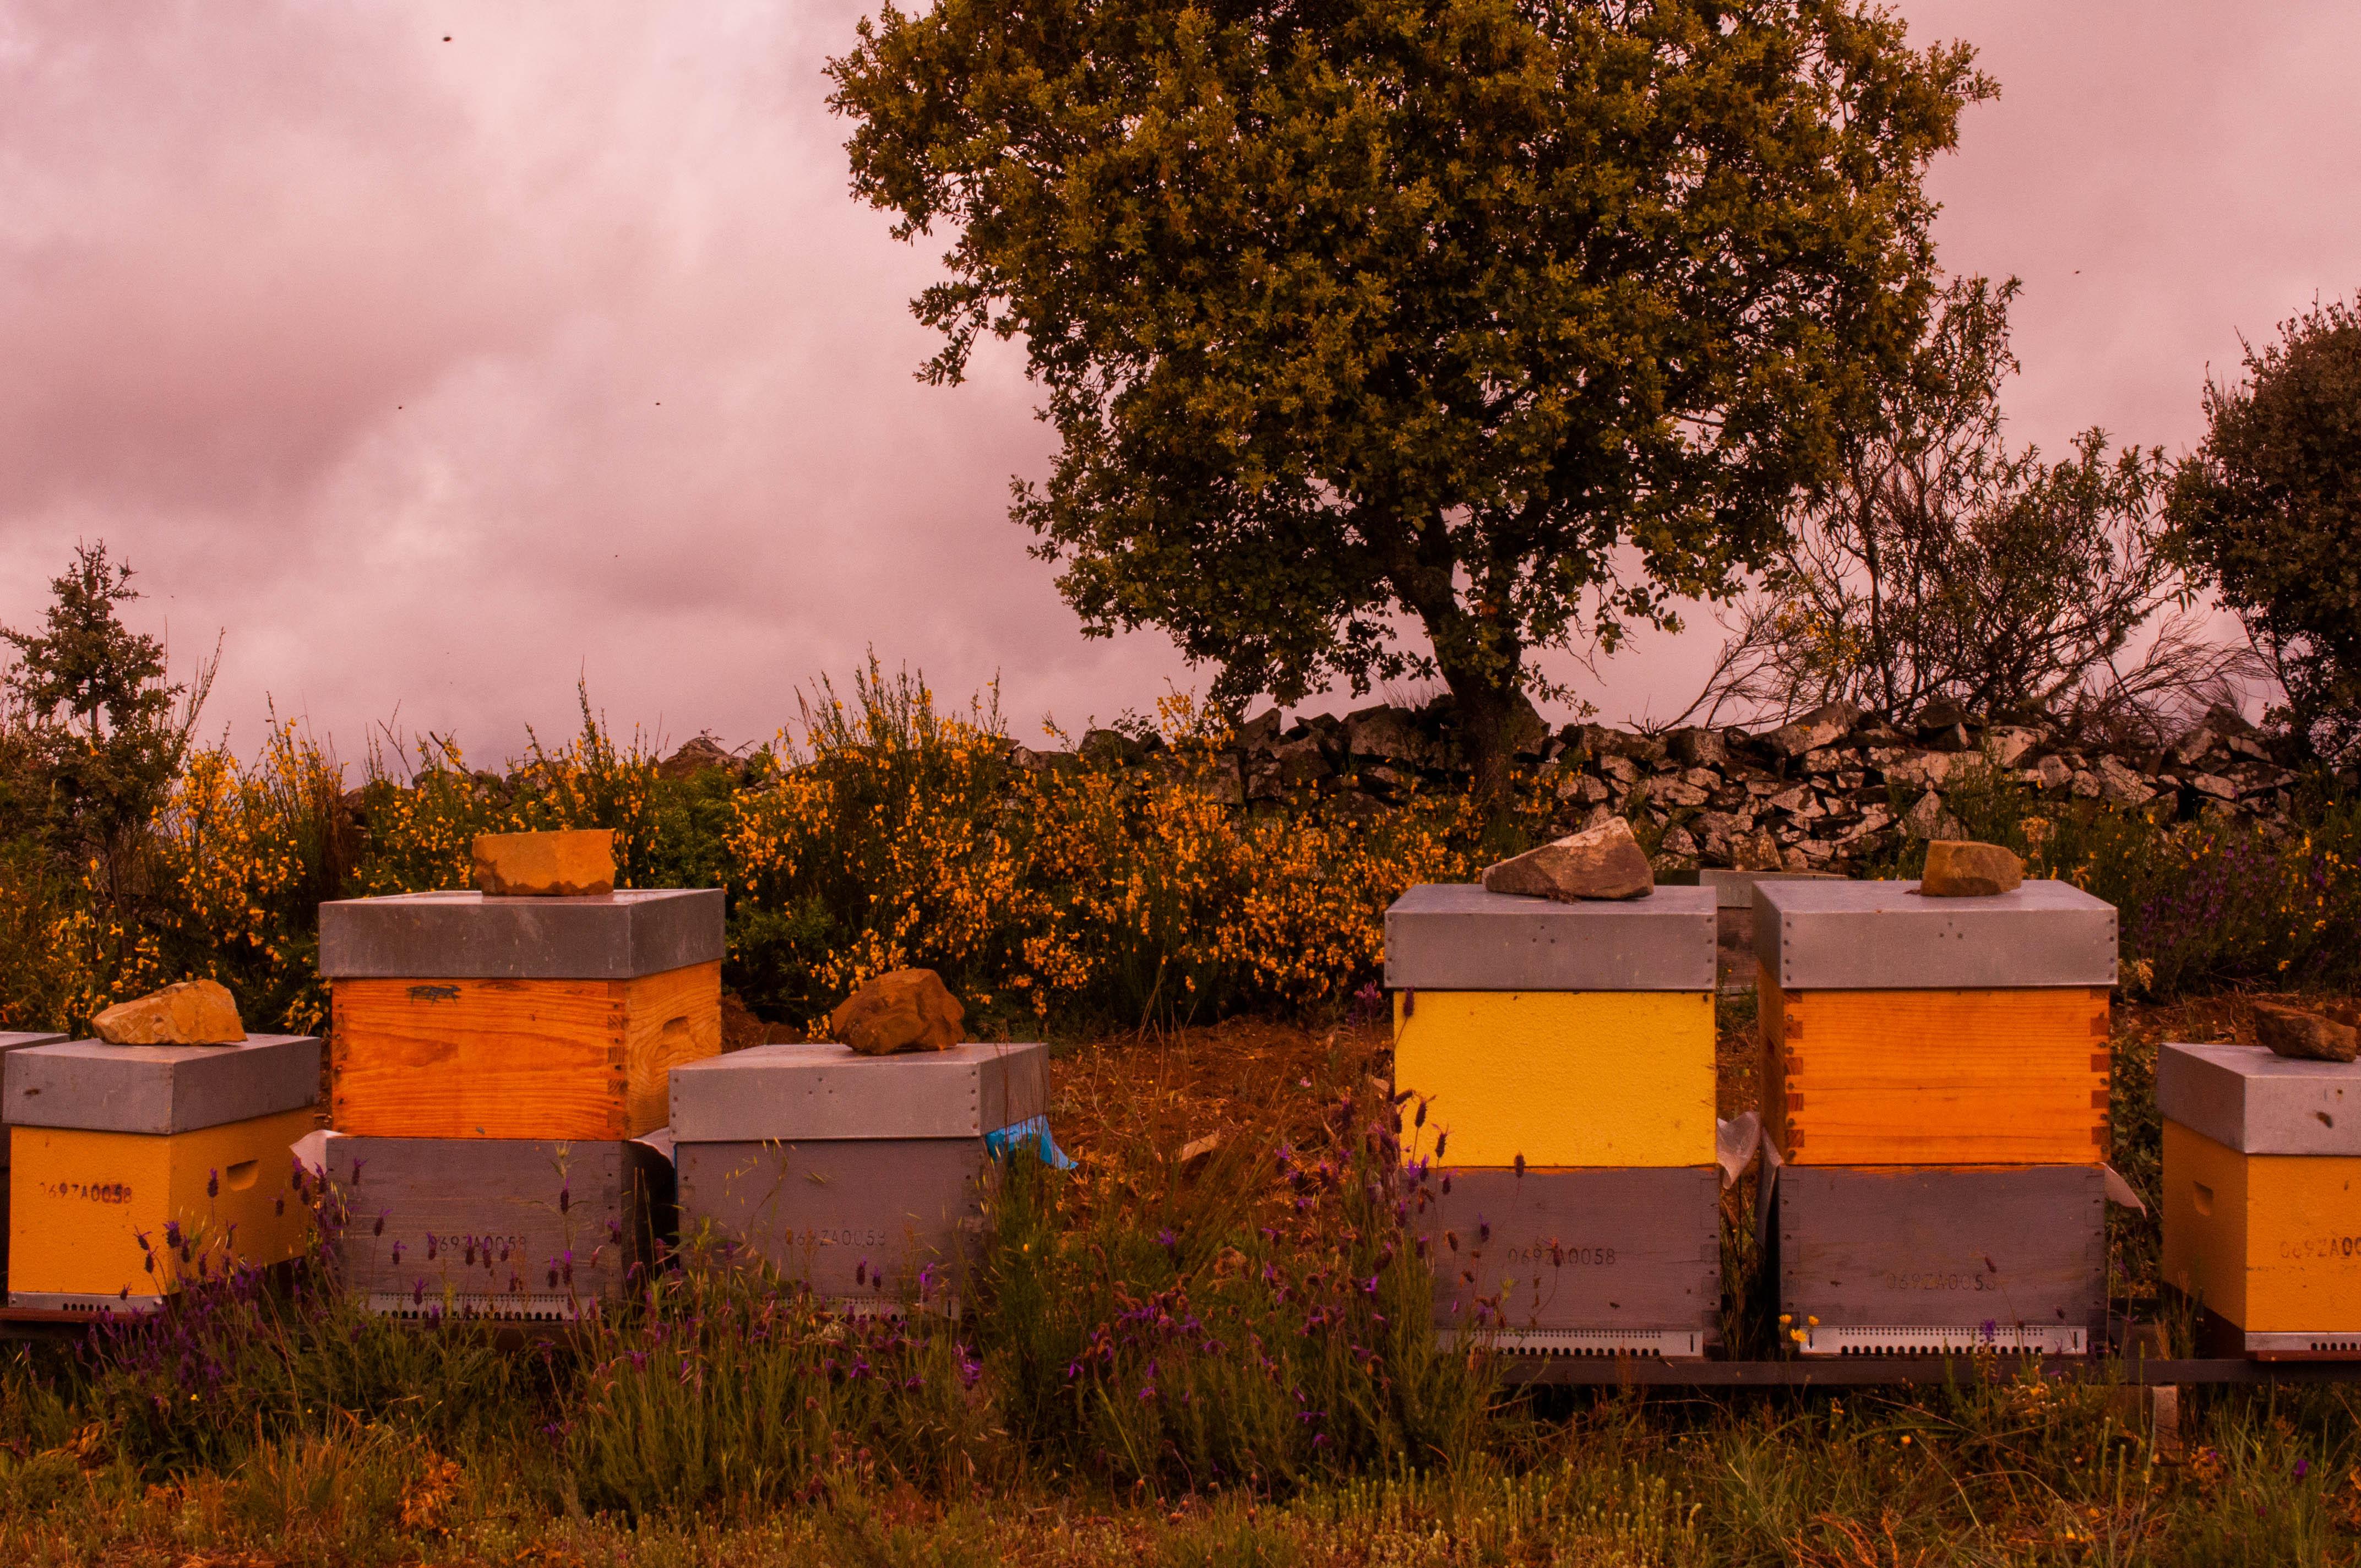 abejas con polen polen en panal Las Obreras de Aliste Artesanos de la Miel